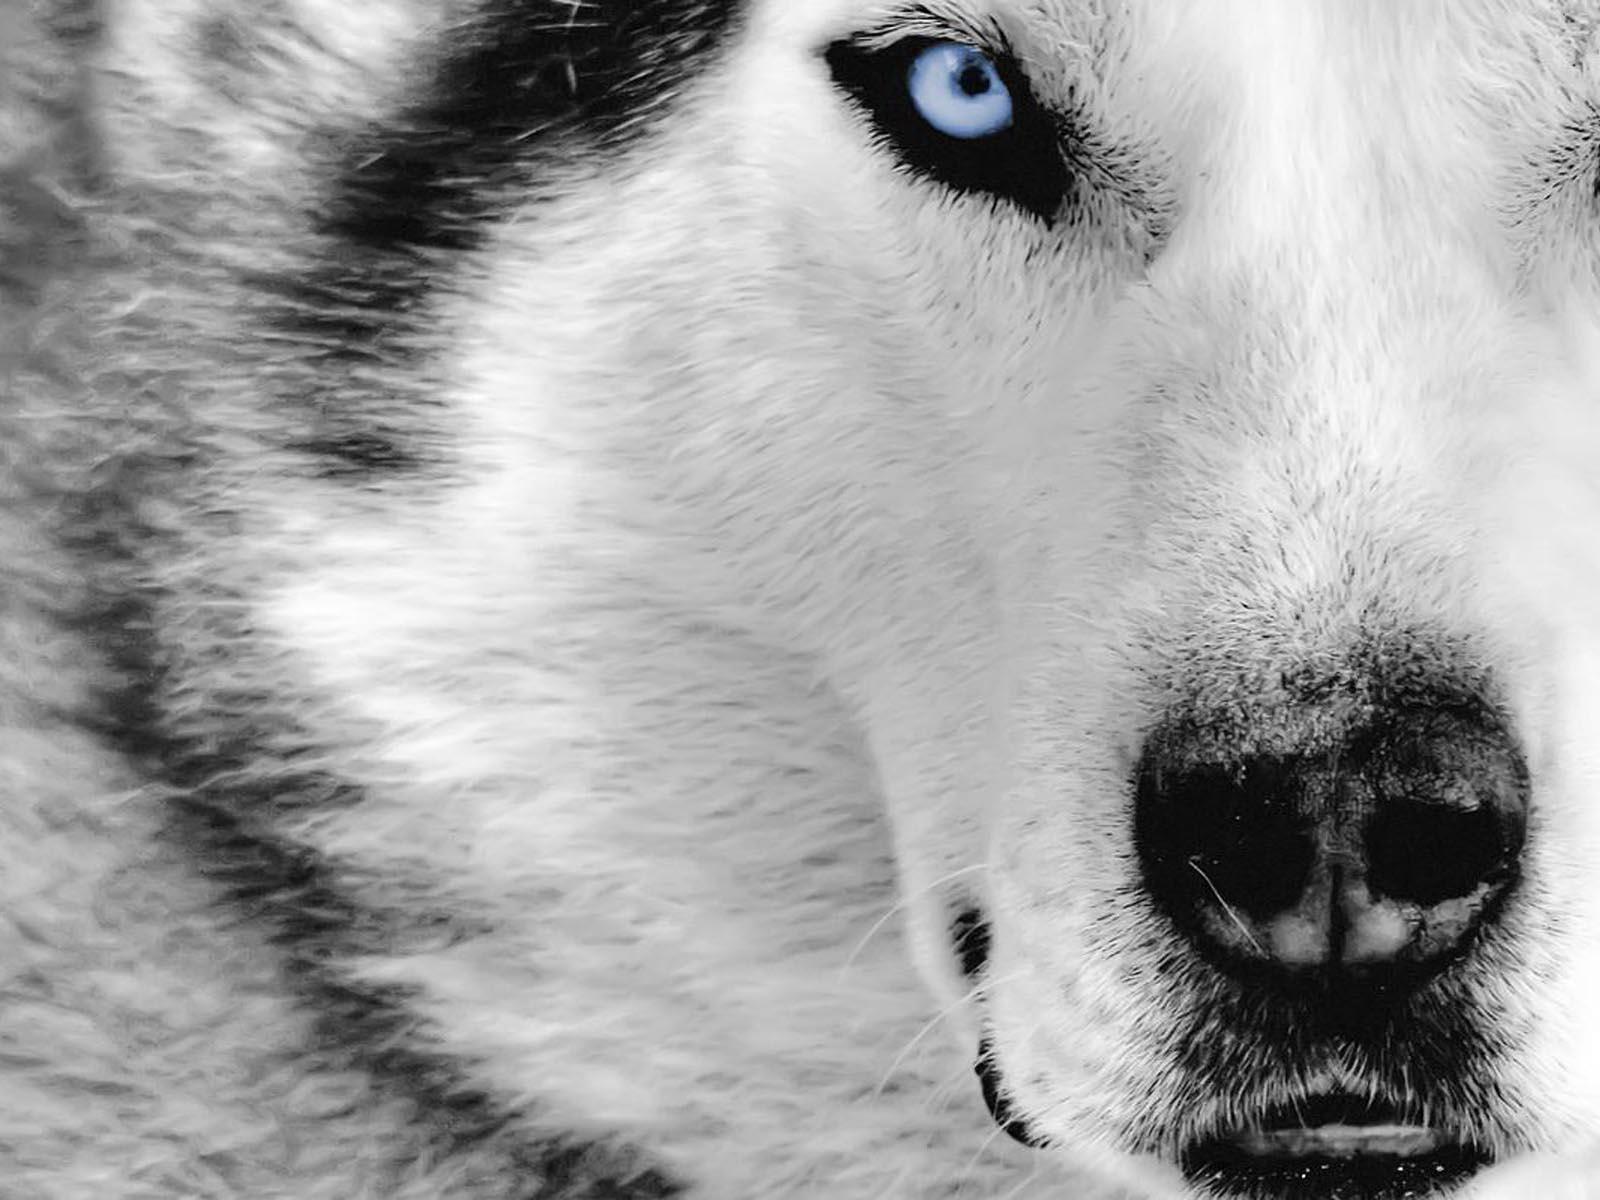 http://4.bp.blogspot.com/-D_nsxaF5gAs/T2m0e5unDKI/AAAAAAAADWg/kZUSjJCNHE4/s1600/beautiful+dogs+wallpaper.jpg